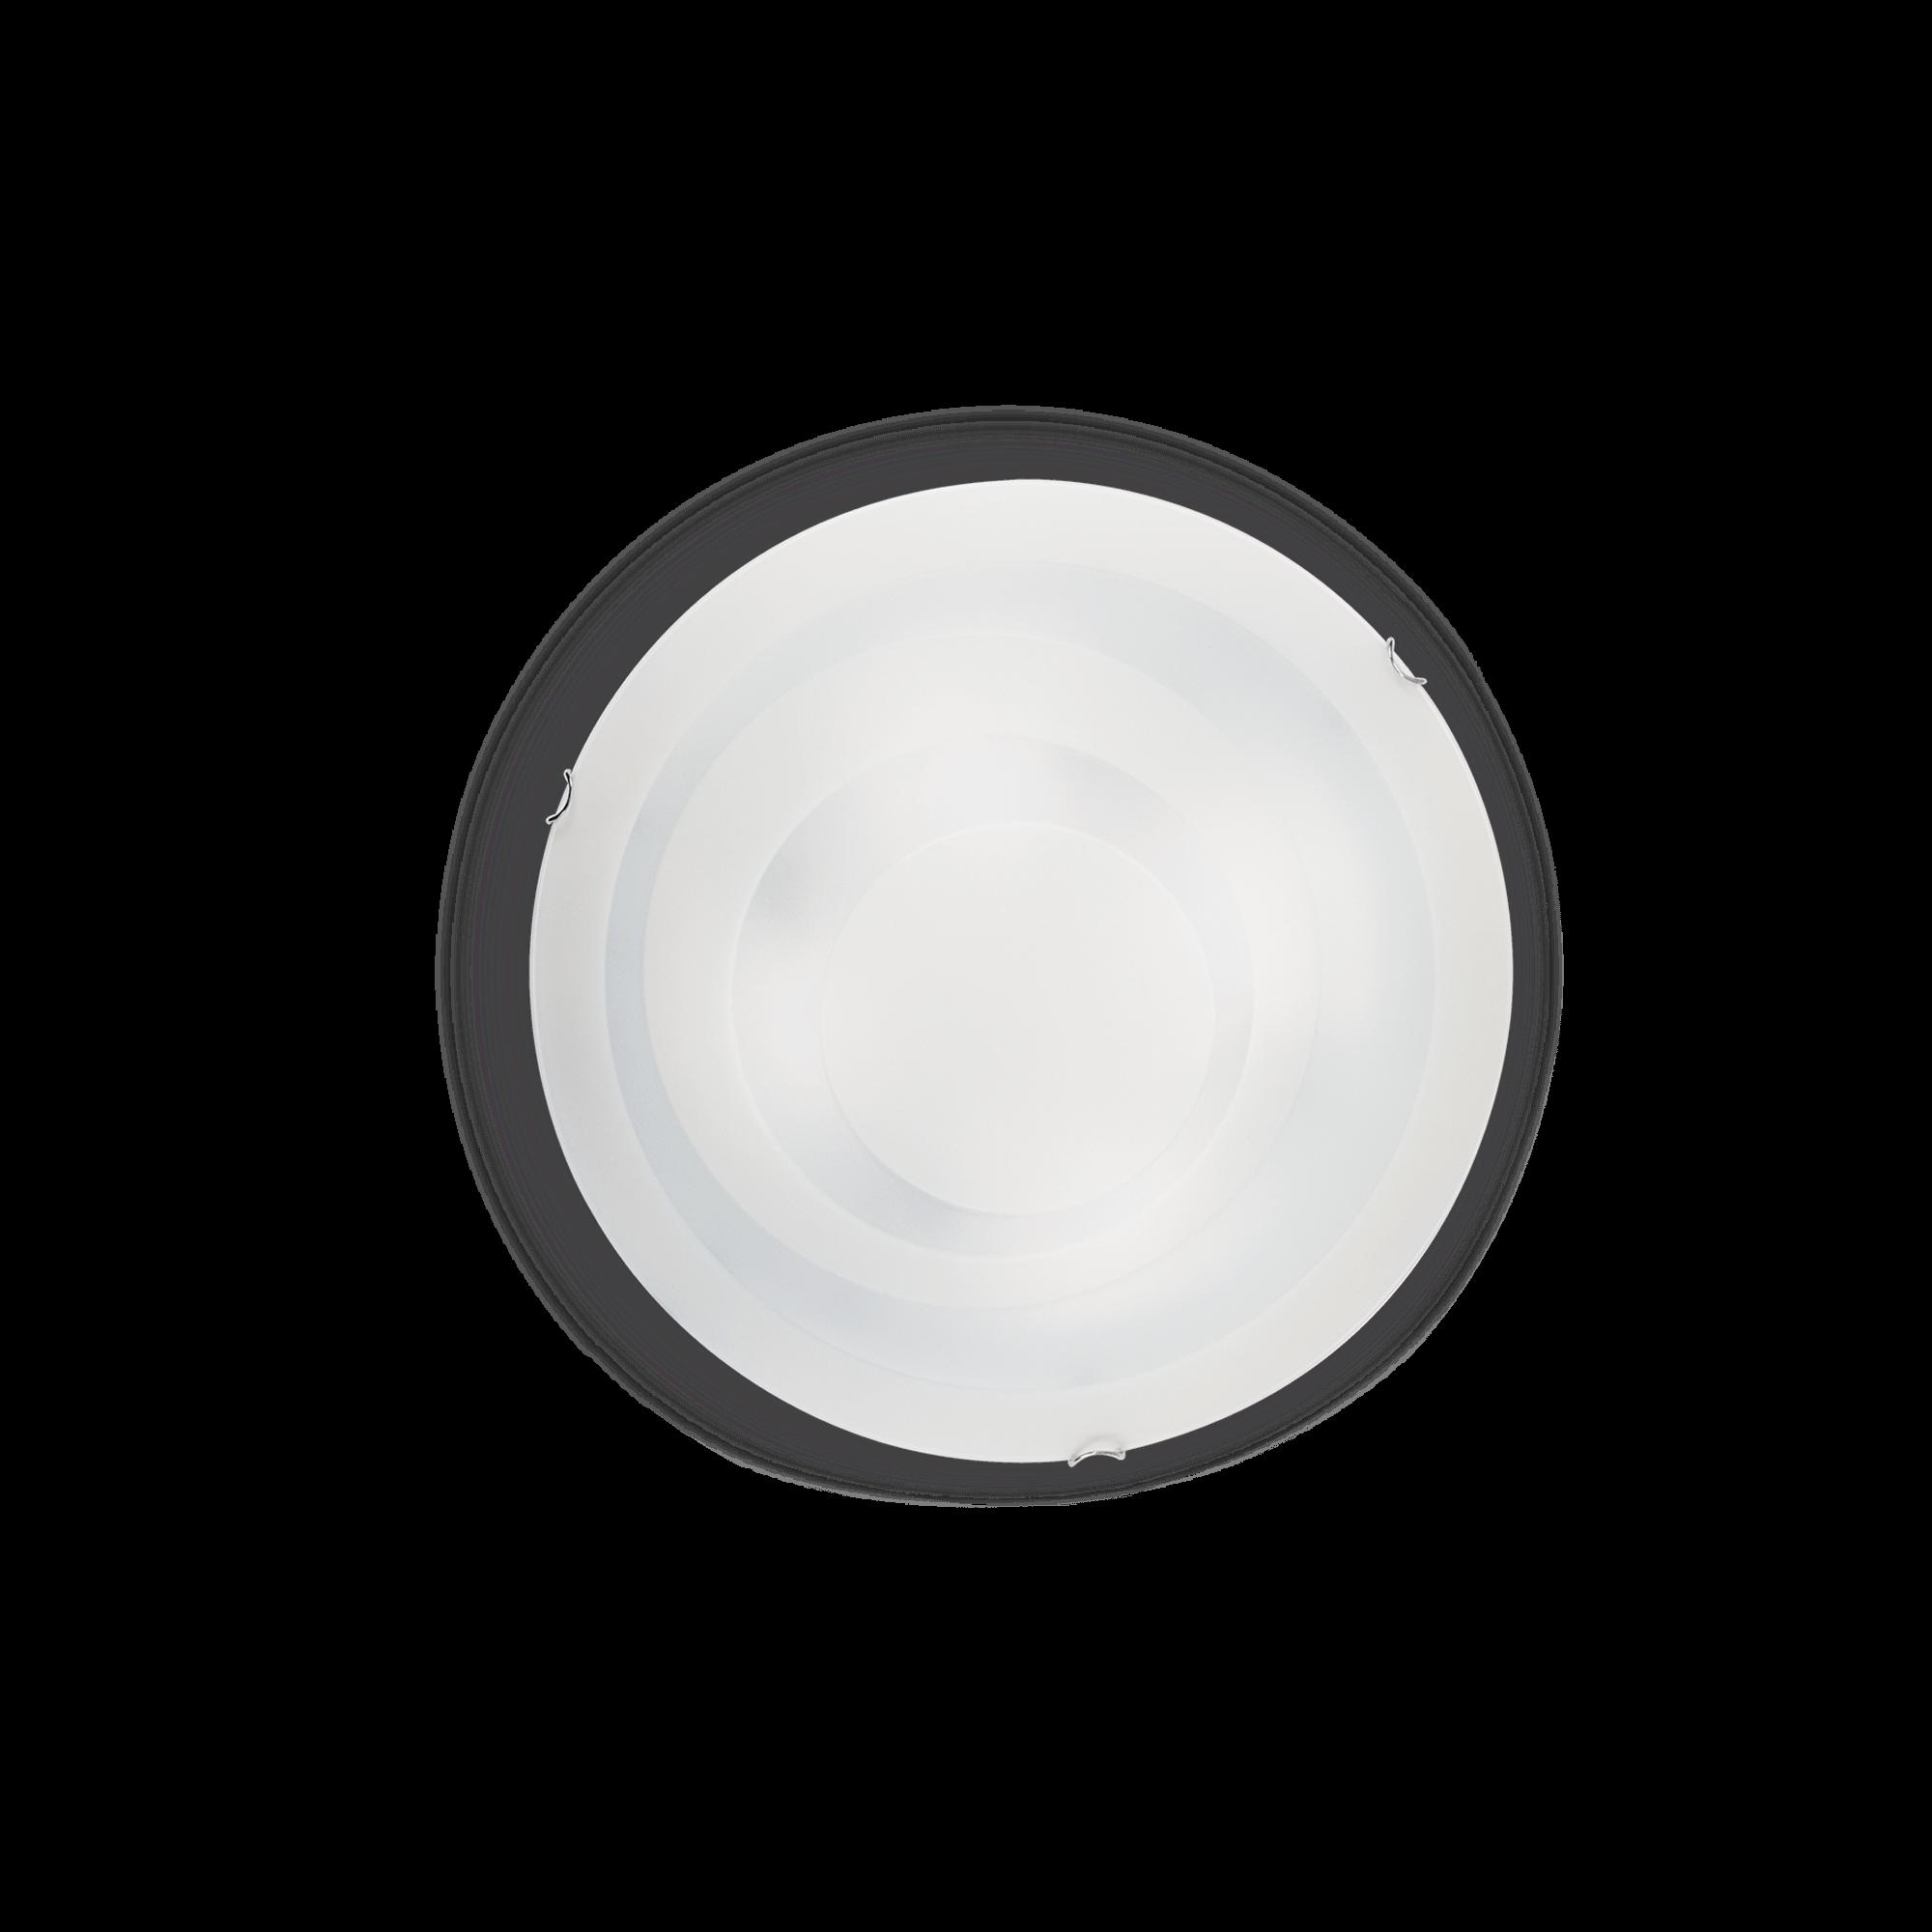 Ideal Lux 019635 Dony PL3 mennyezeti lámpa